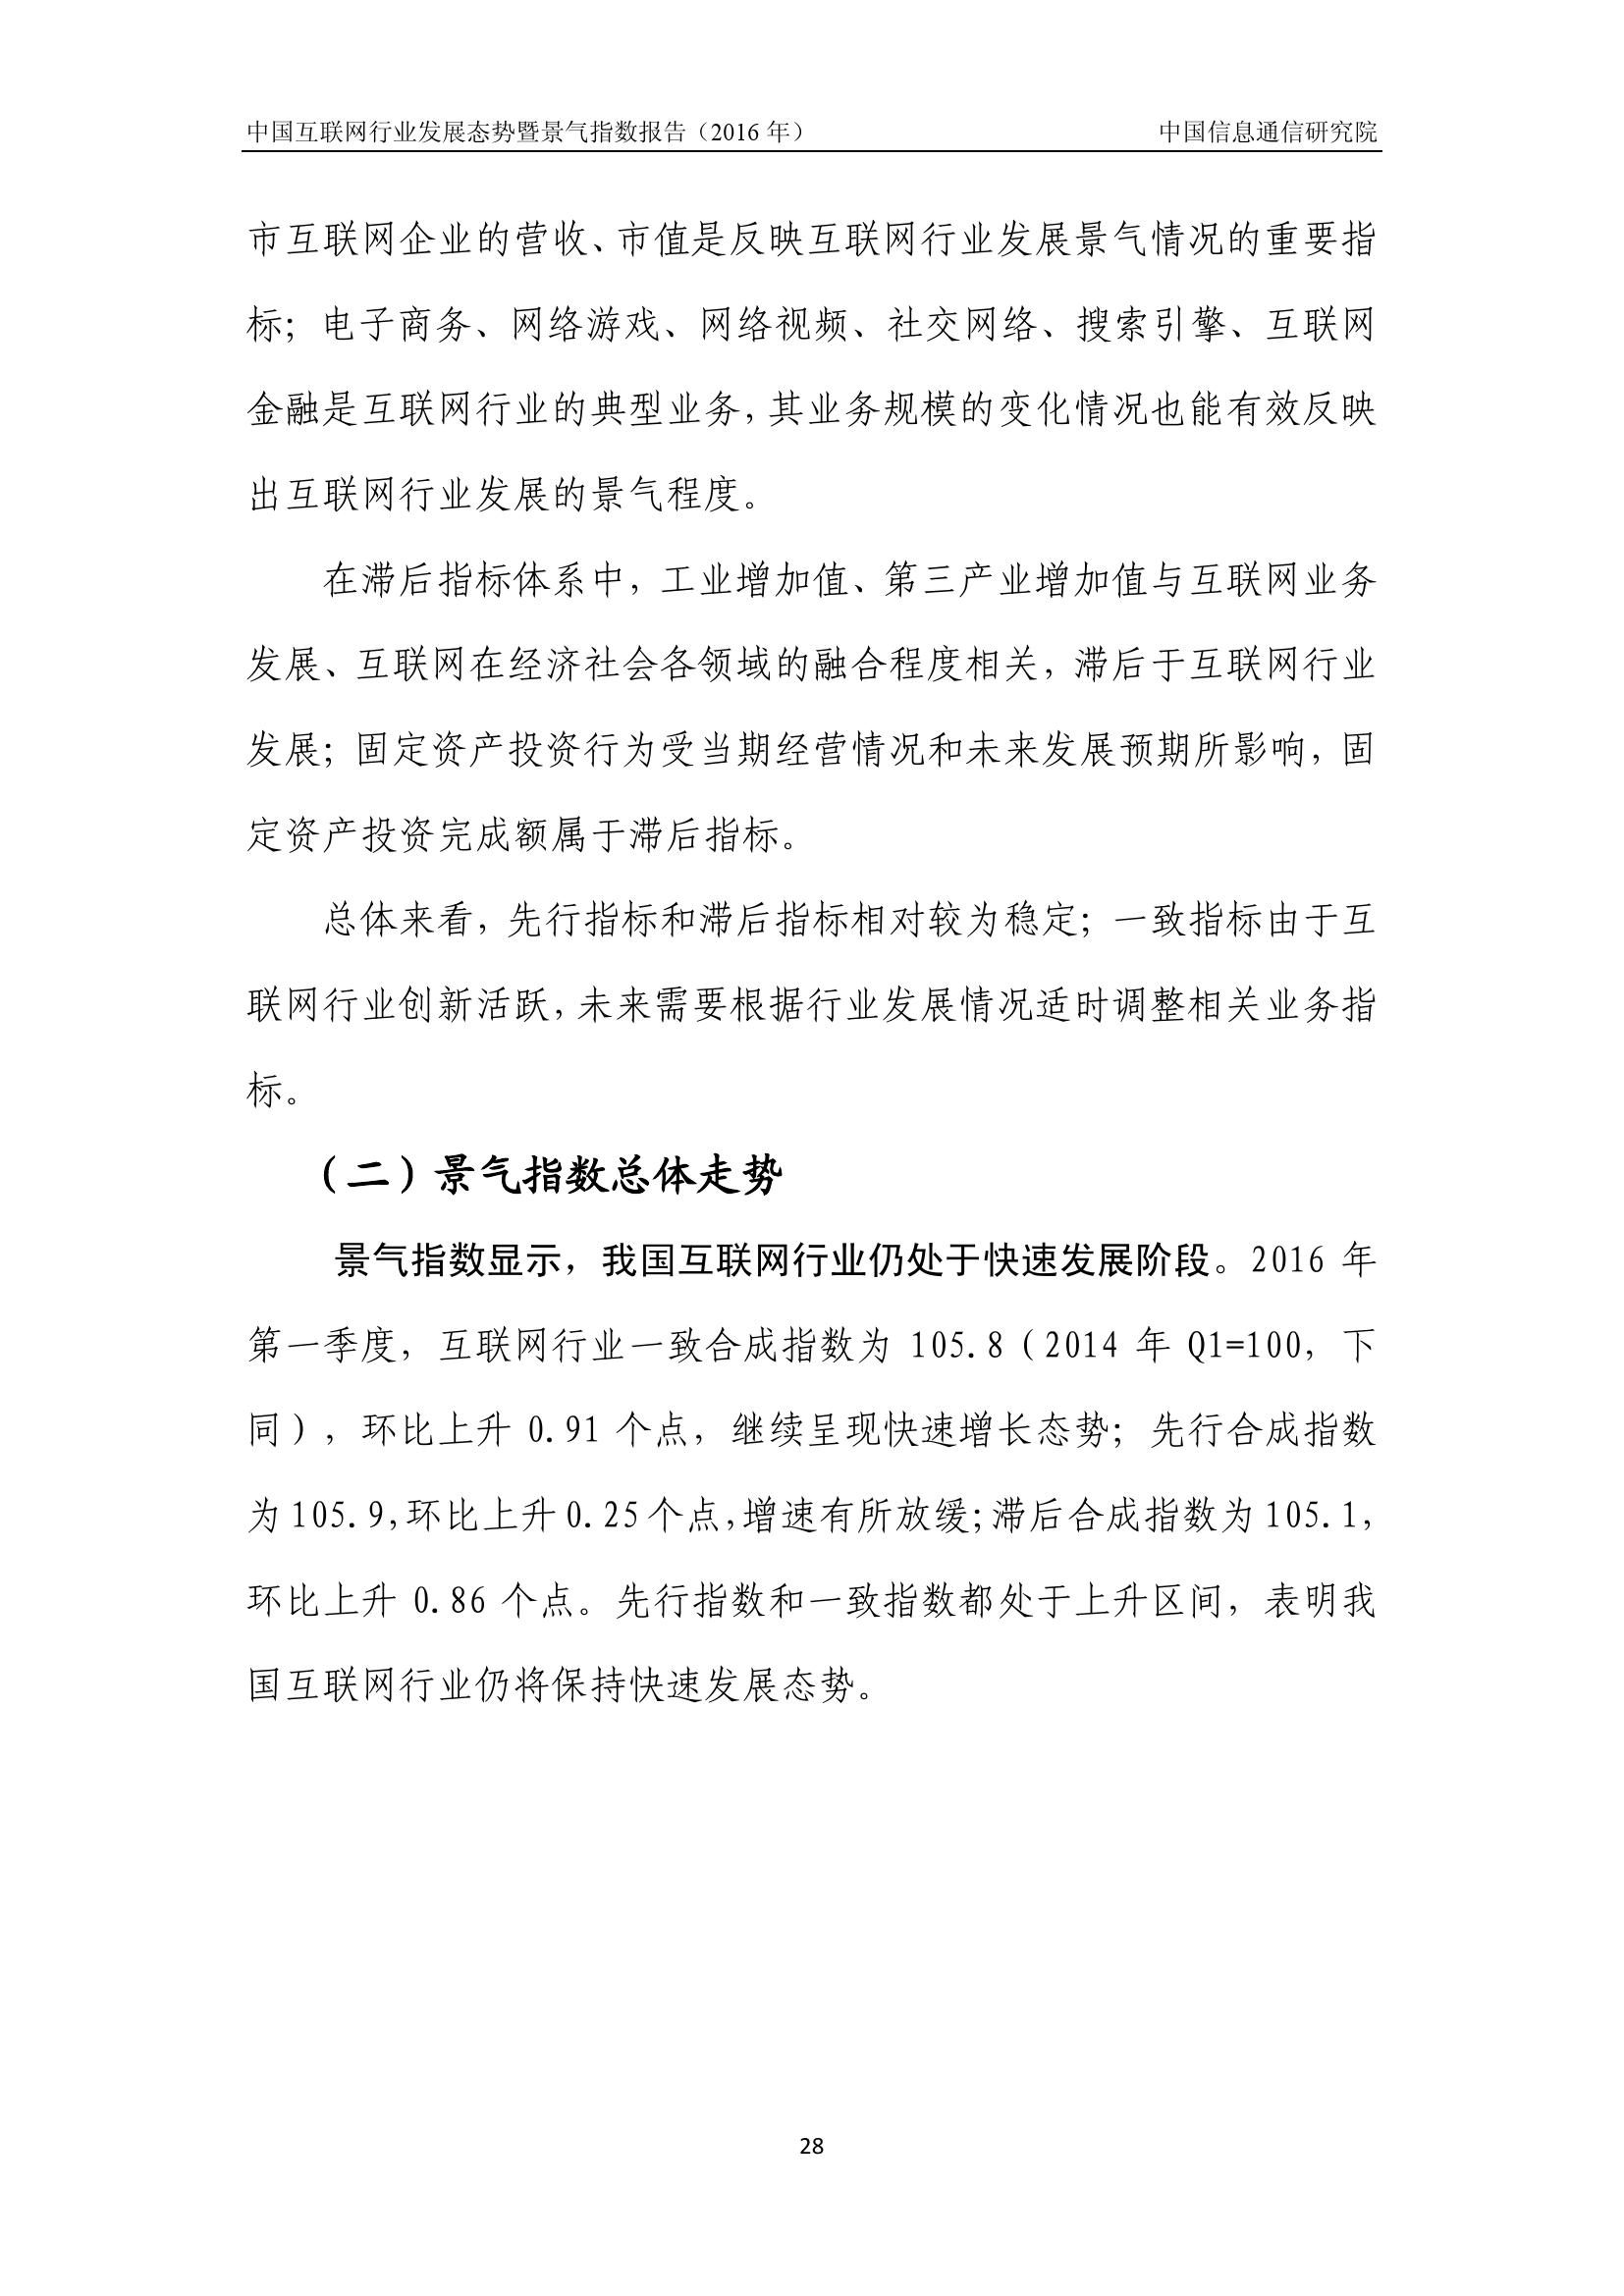 2016年中国互联网行业发展态势暨景气指数报告_000032